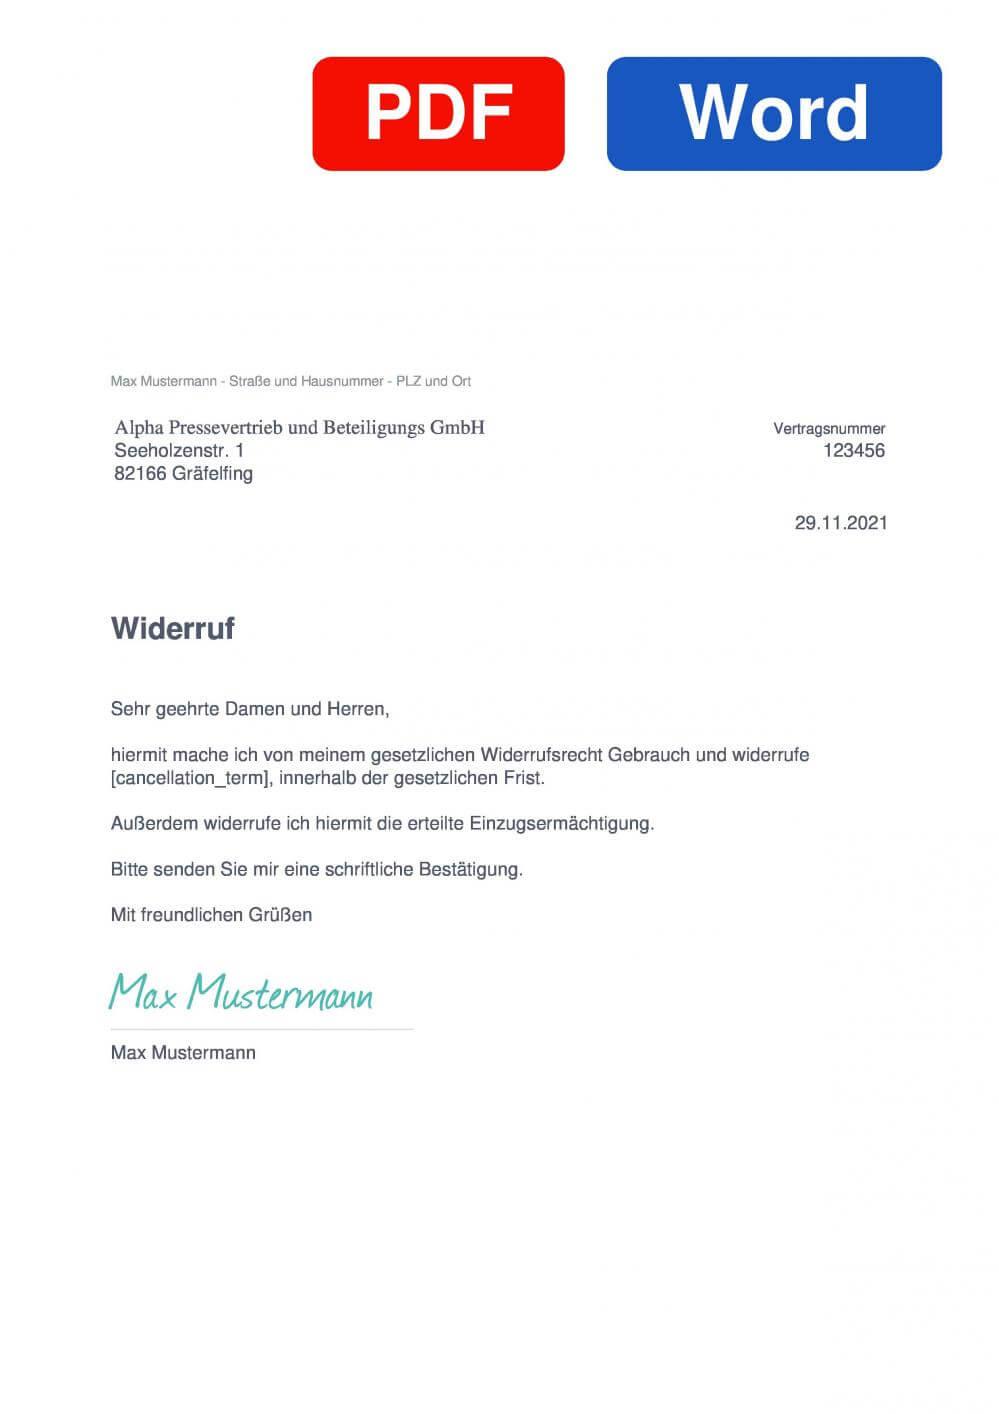 Alpha Pressevertrieb und Beteiligungs GmbH Muster Vorlage für Wiederrufsschreiben